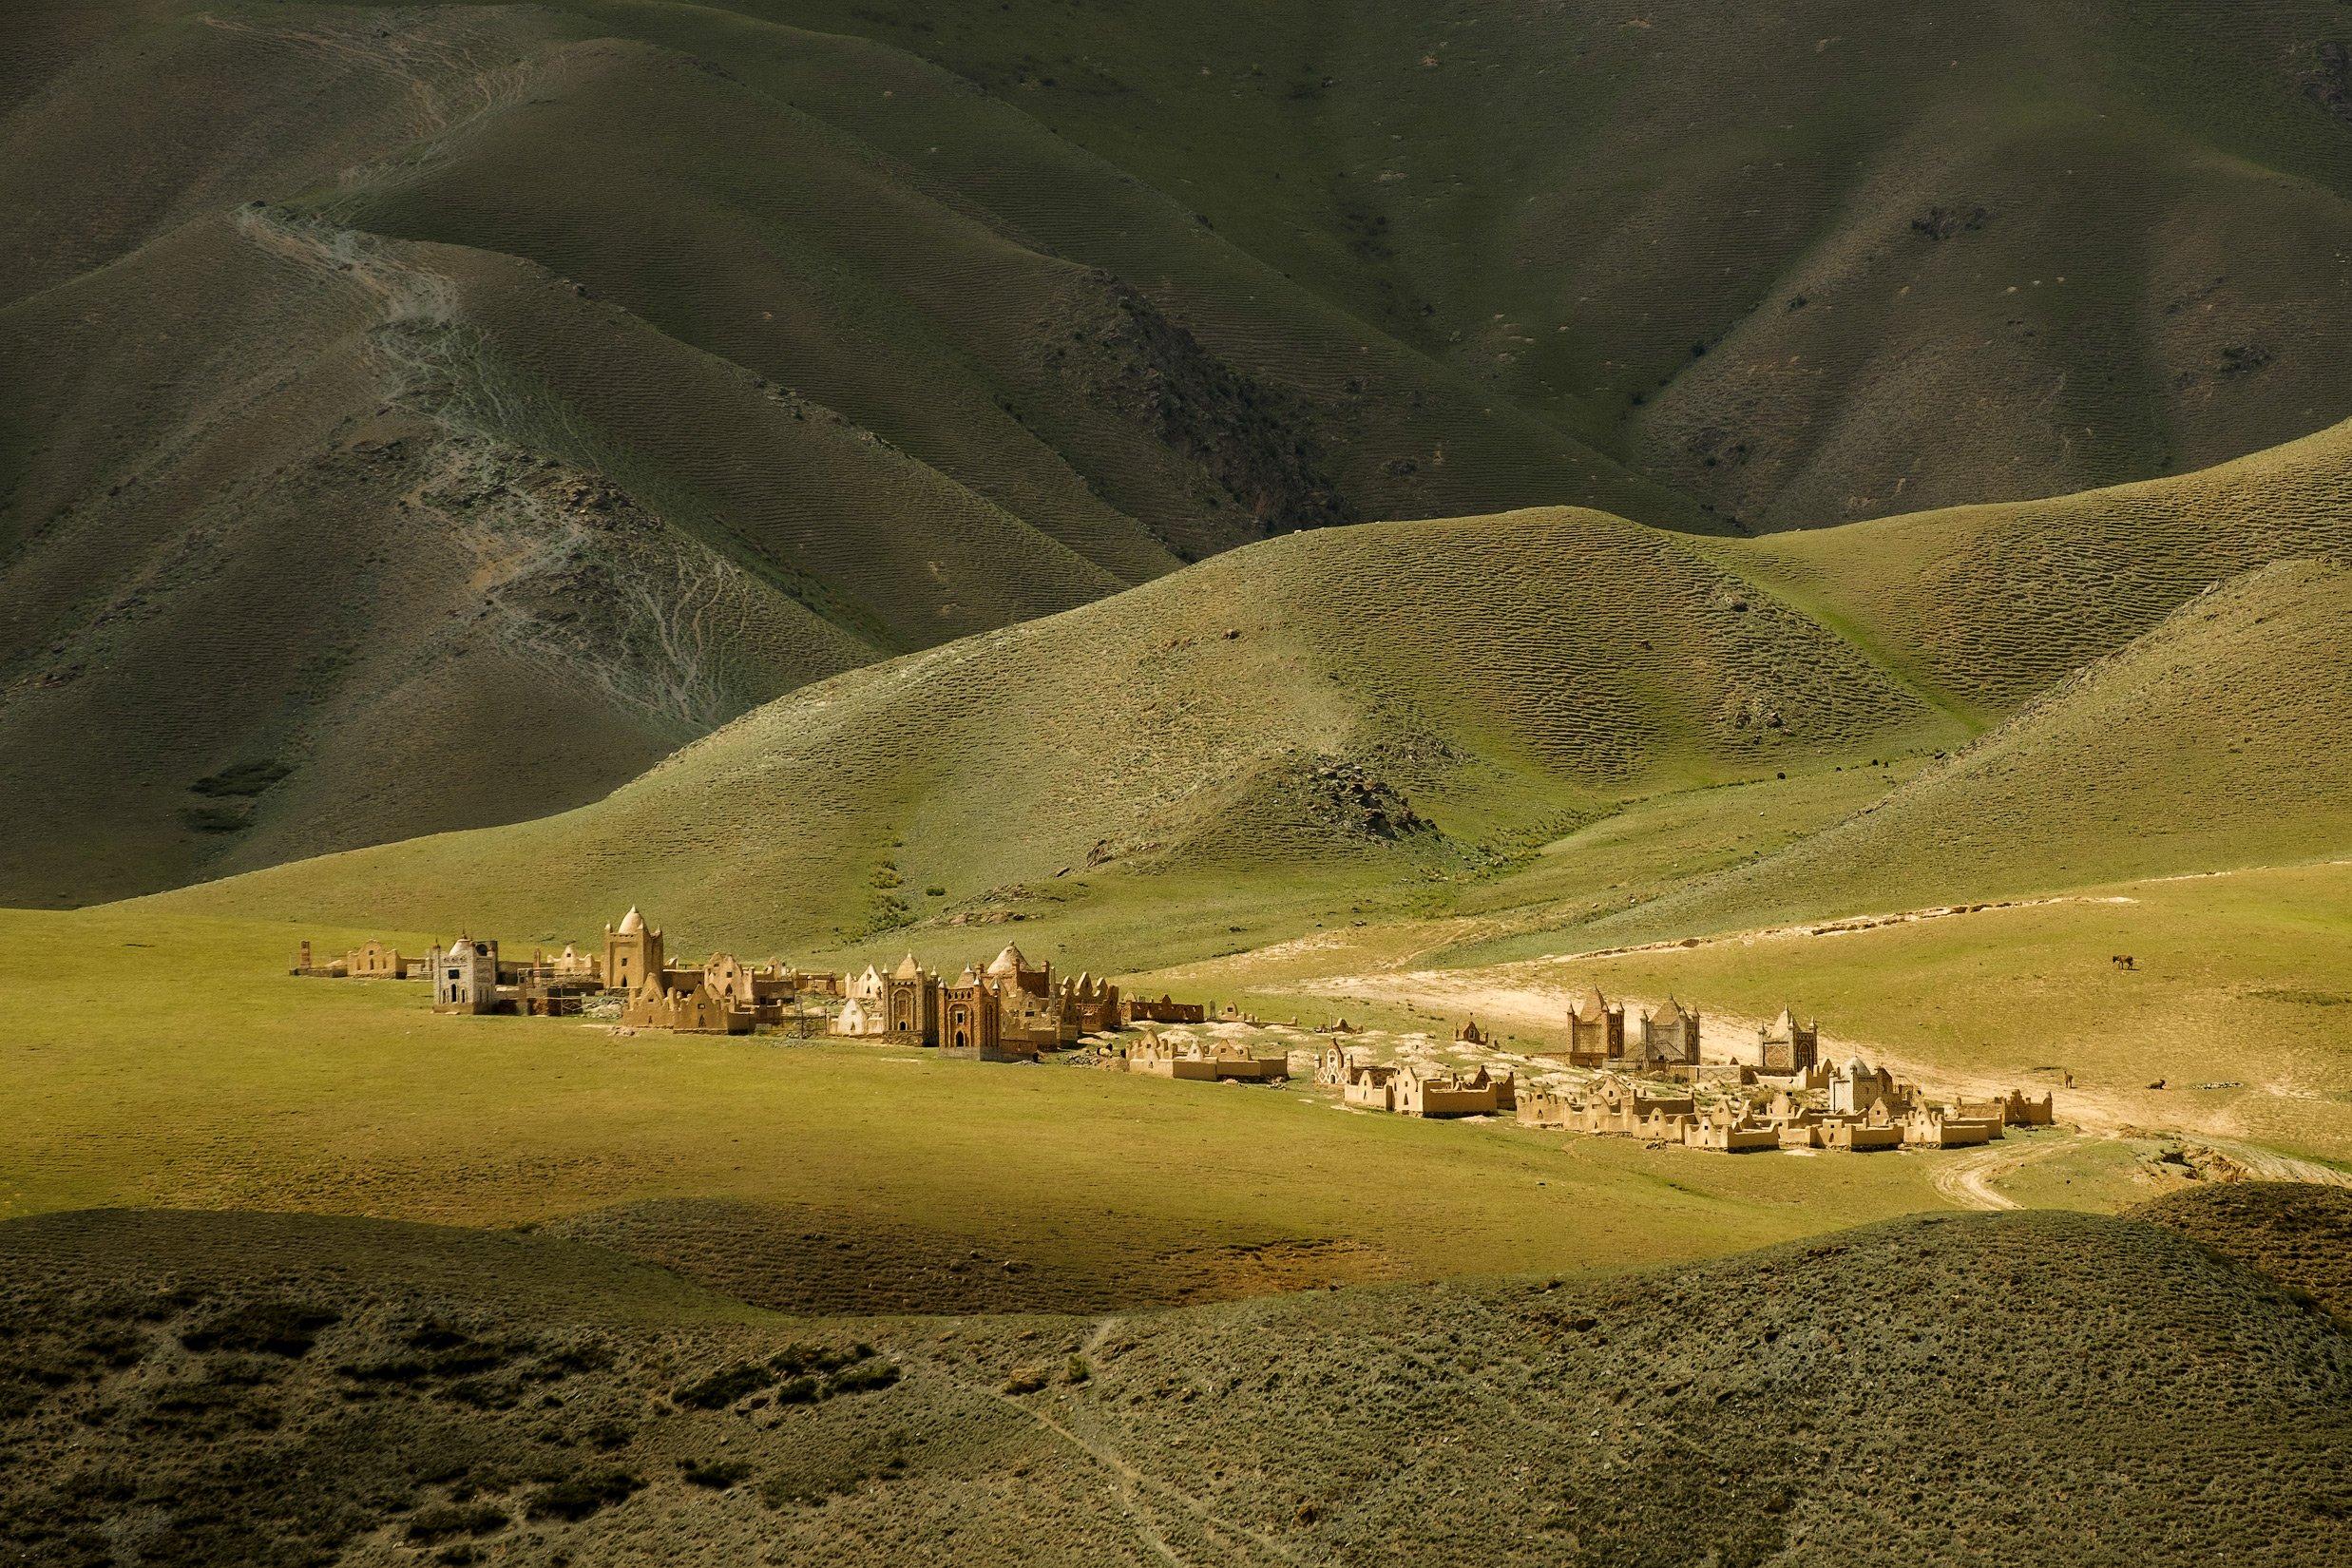 киргизия, азия, пейзаж, природа, весна, горы, ущелье, закат, кладбище, путешествие, Оборотов Алексей